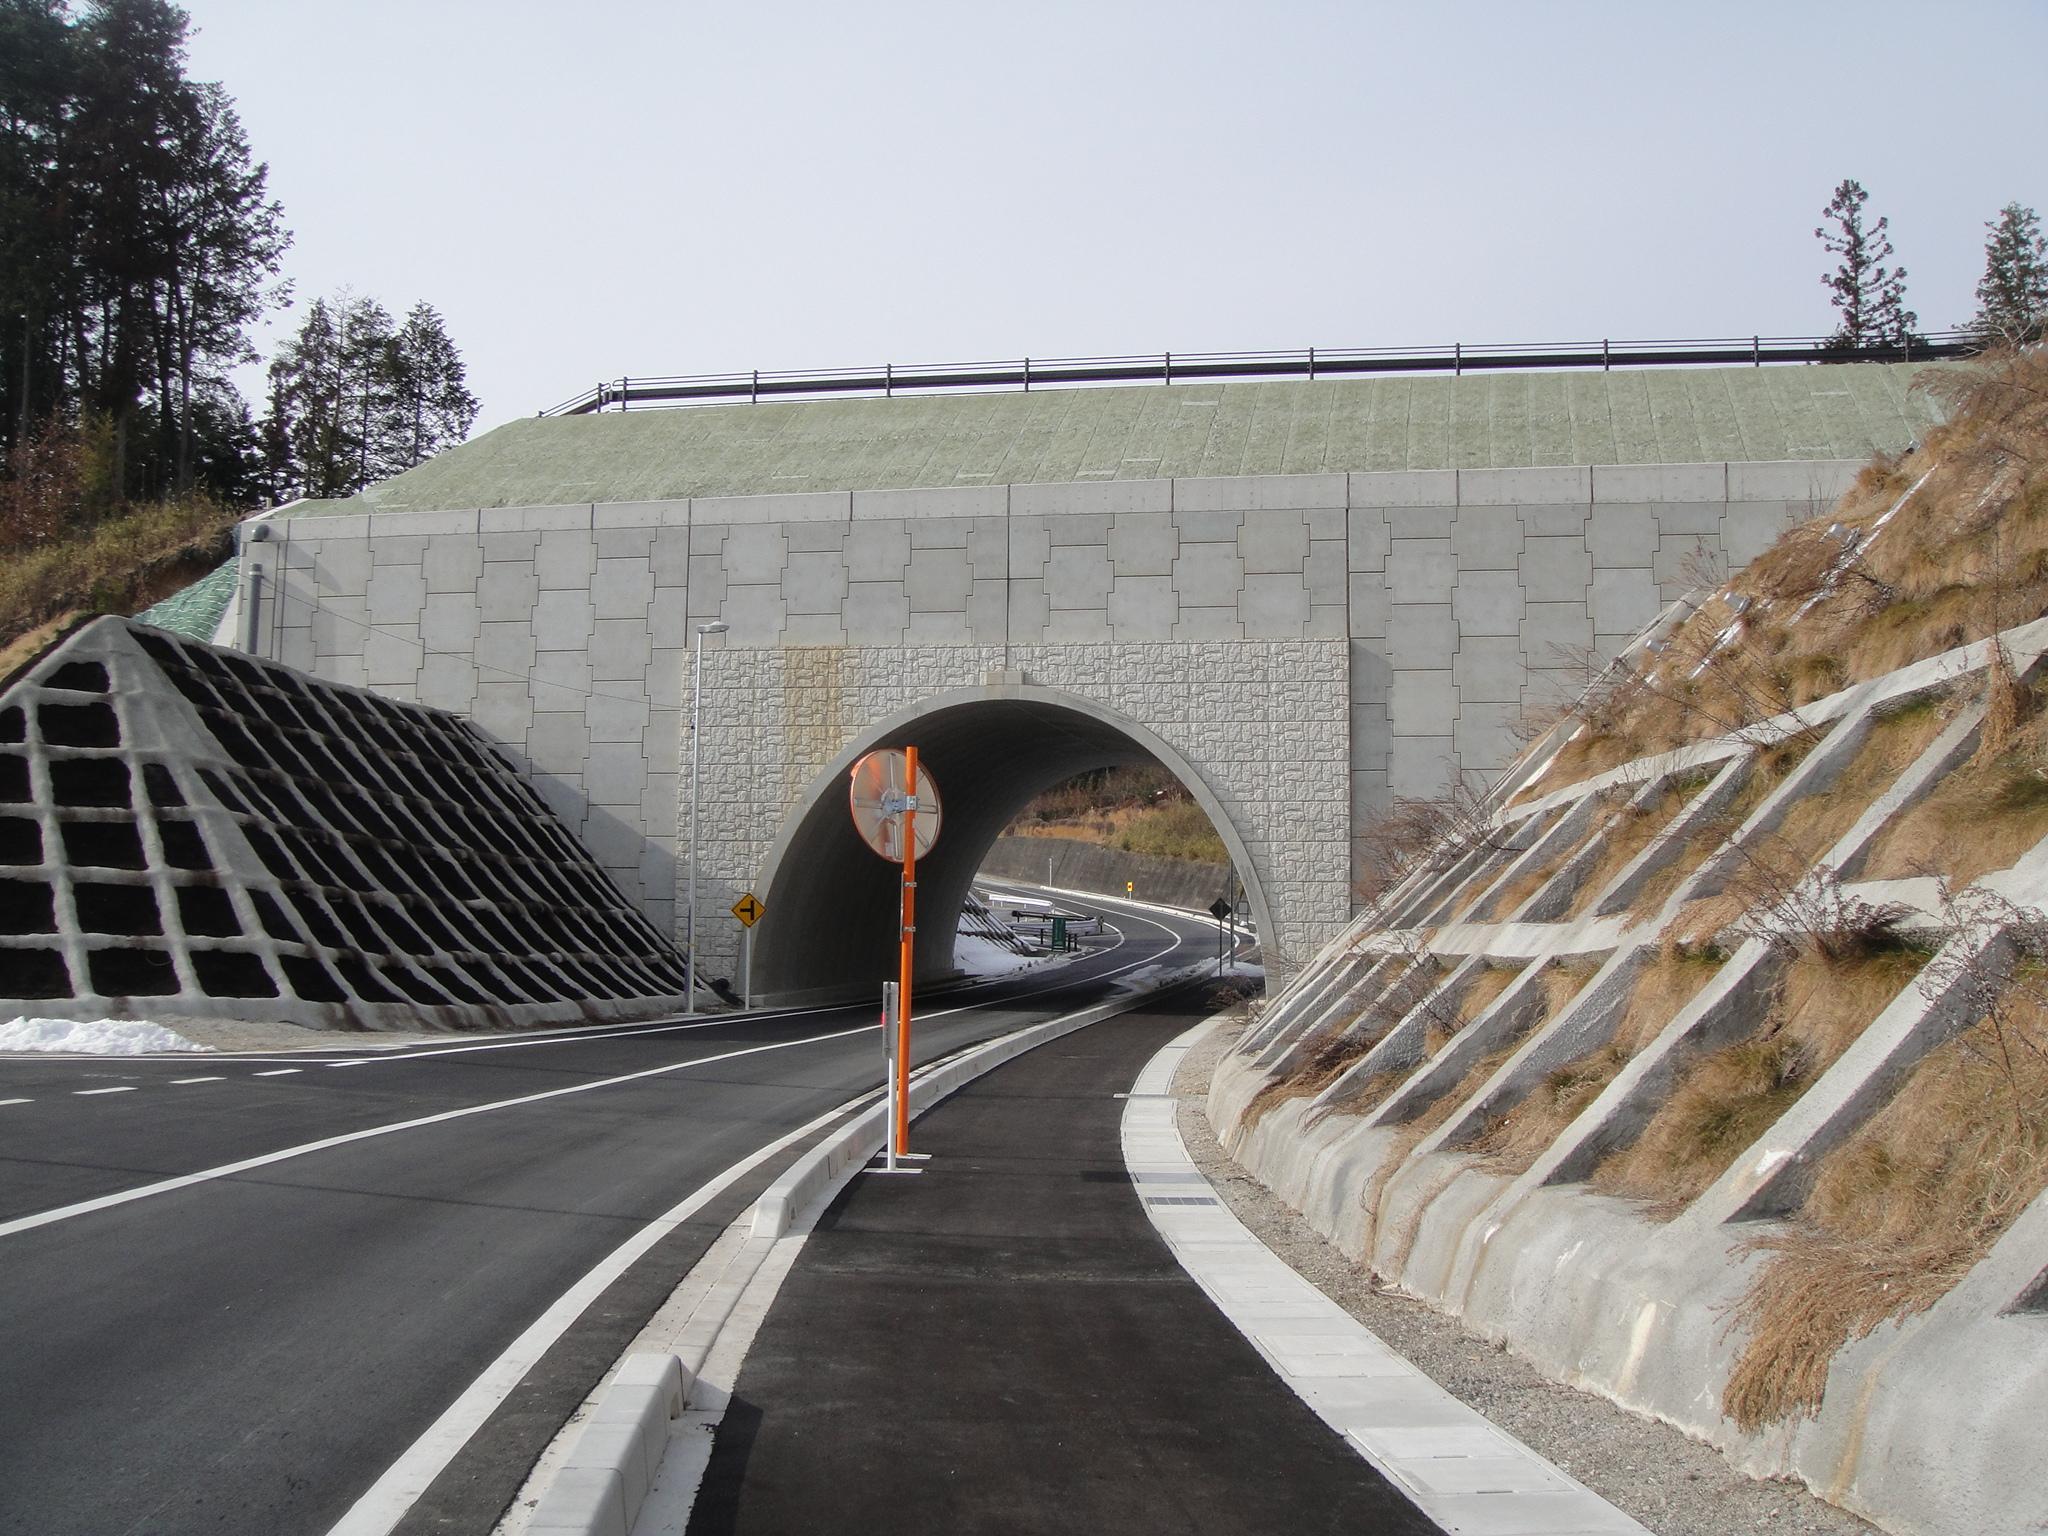 跨道橋に使用されたアーチカルバート(テクスパン)